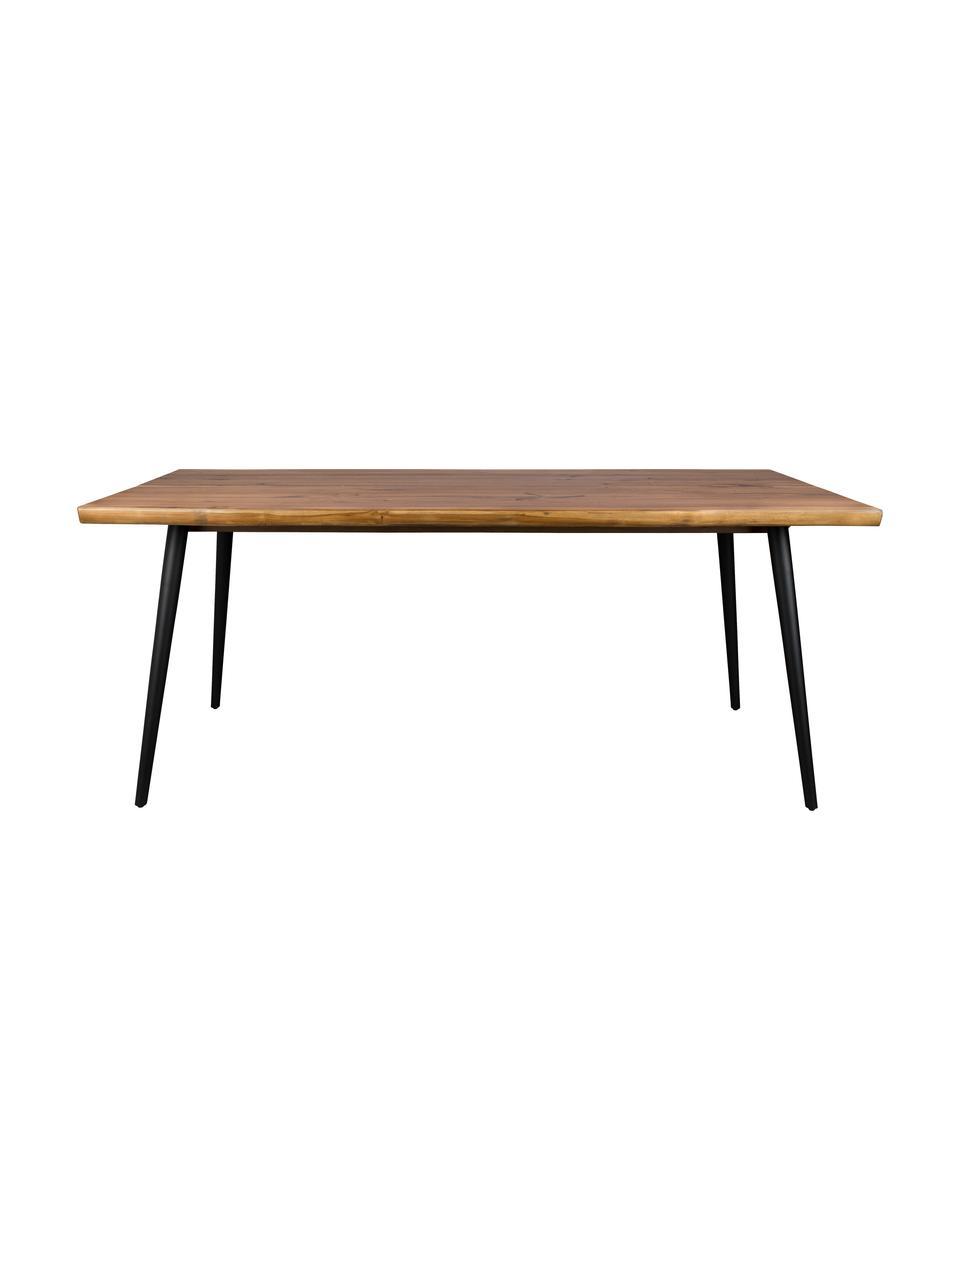 Eettafel Alagon met boomrand design, Tafelblad: MDF, walnoothoutfineer, g, Poten: gepoedercoat staal, Walnootkleurig, 160 x 90 cm